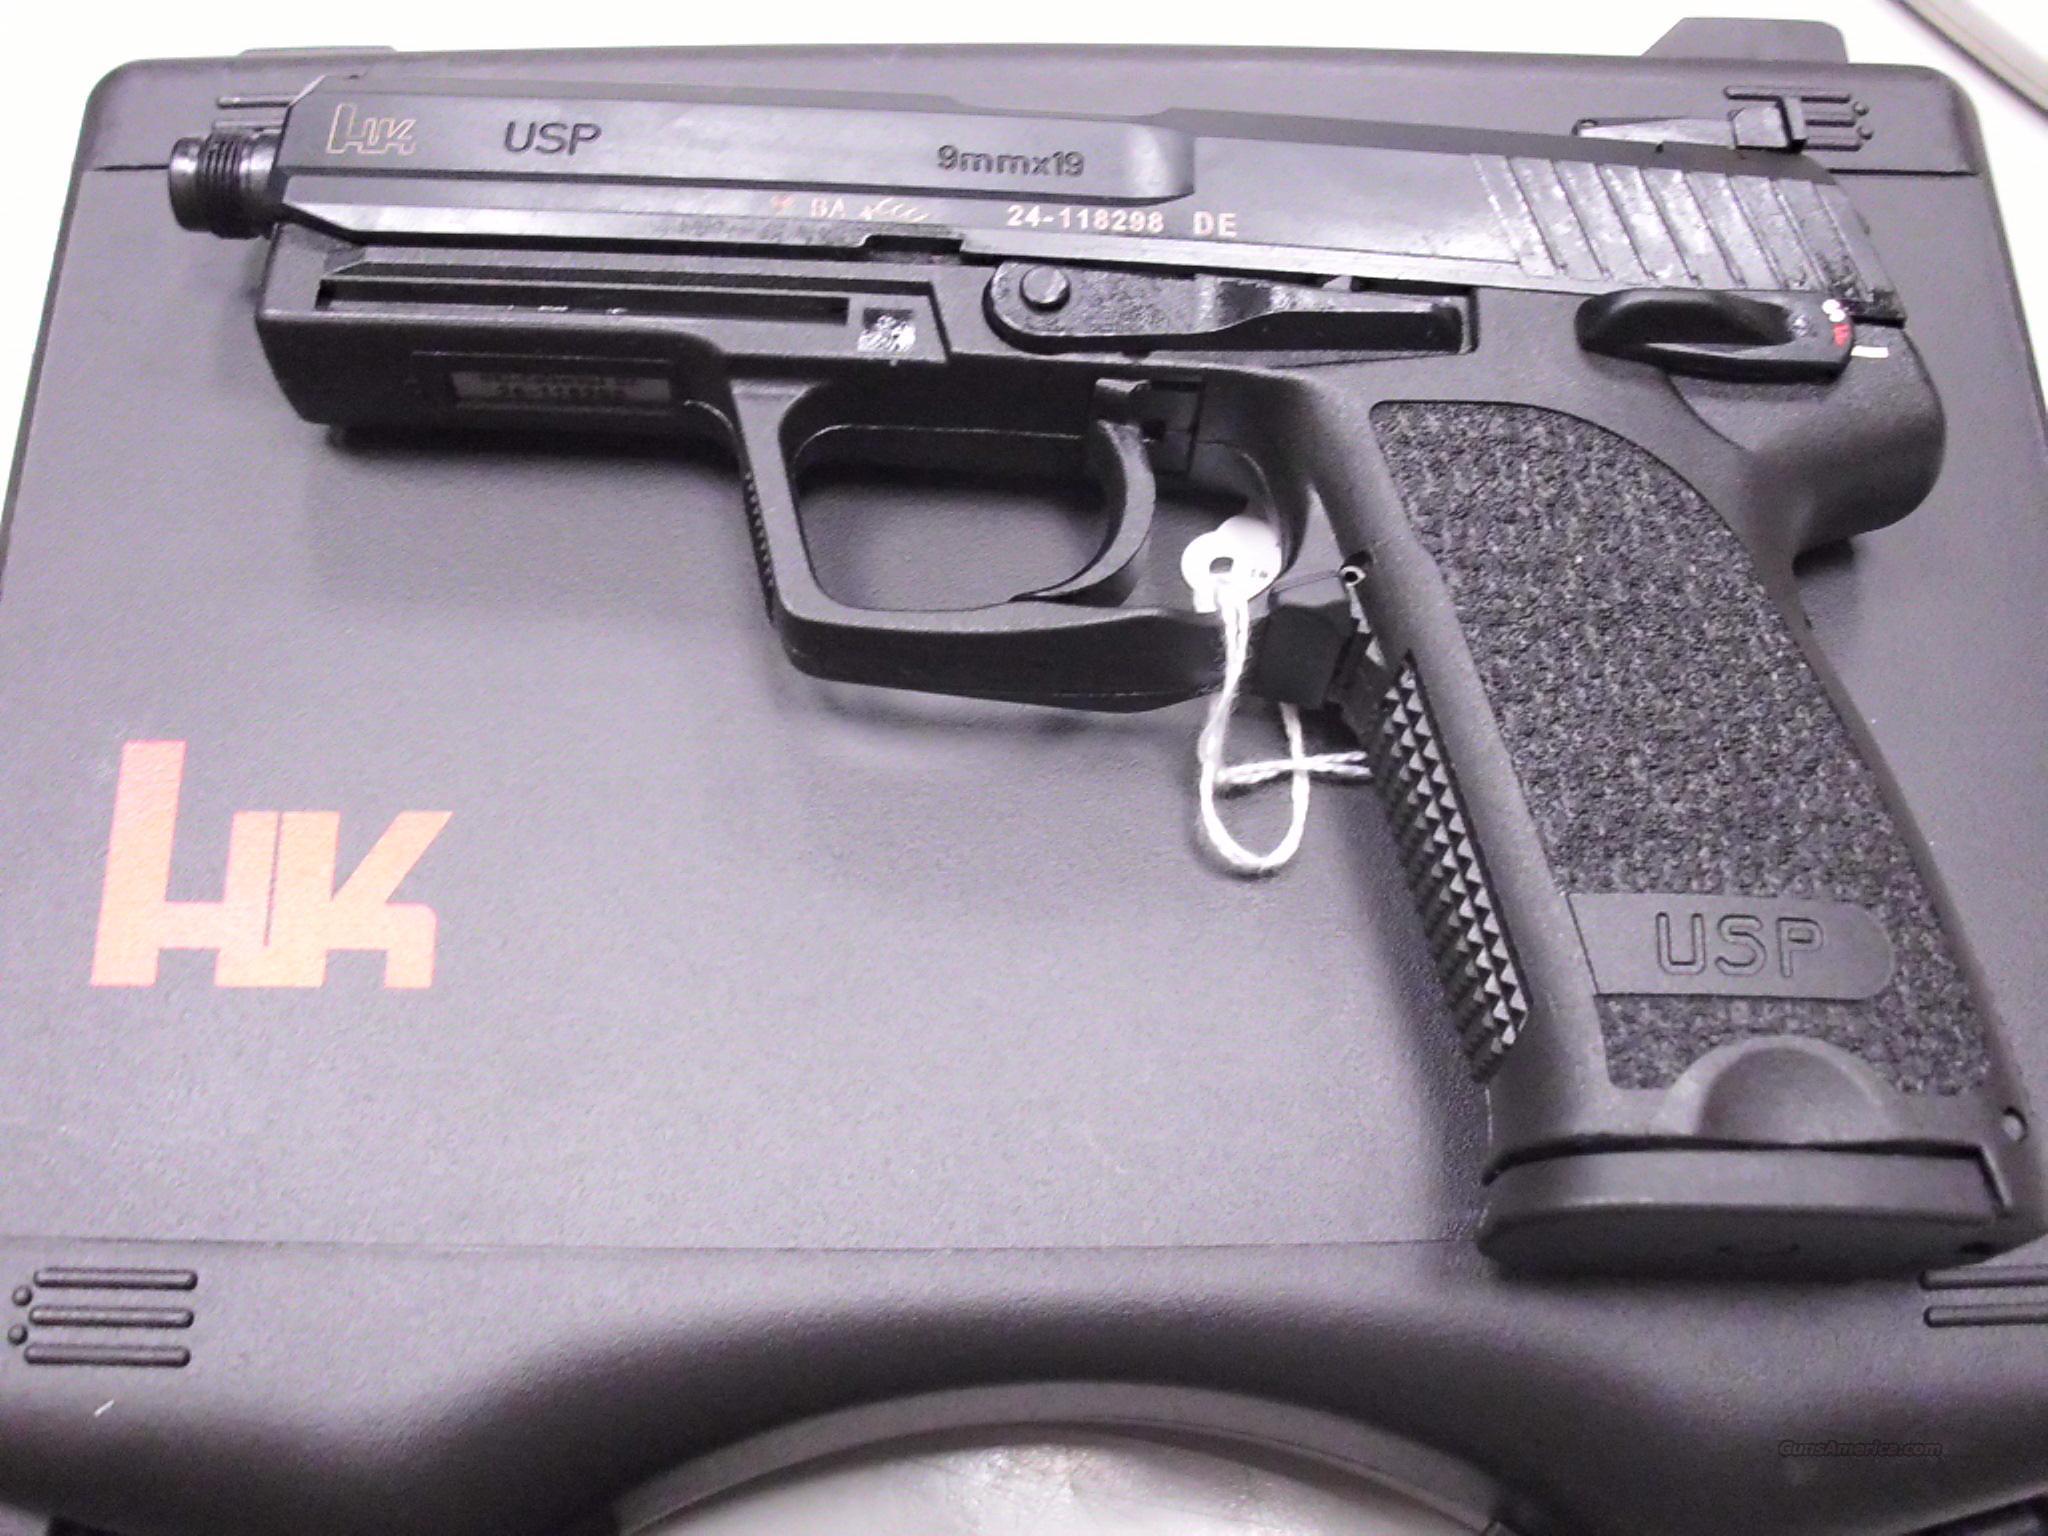 HK USP Tactical 9mm Threaded Barrel NEW